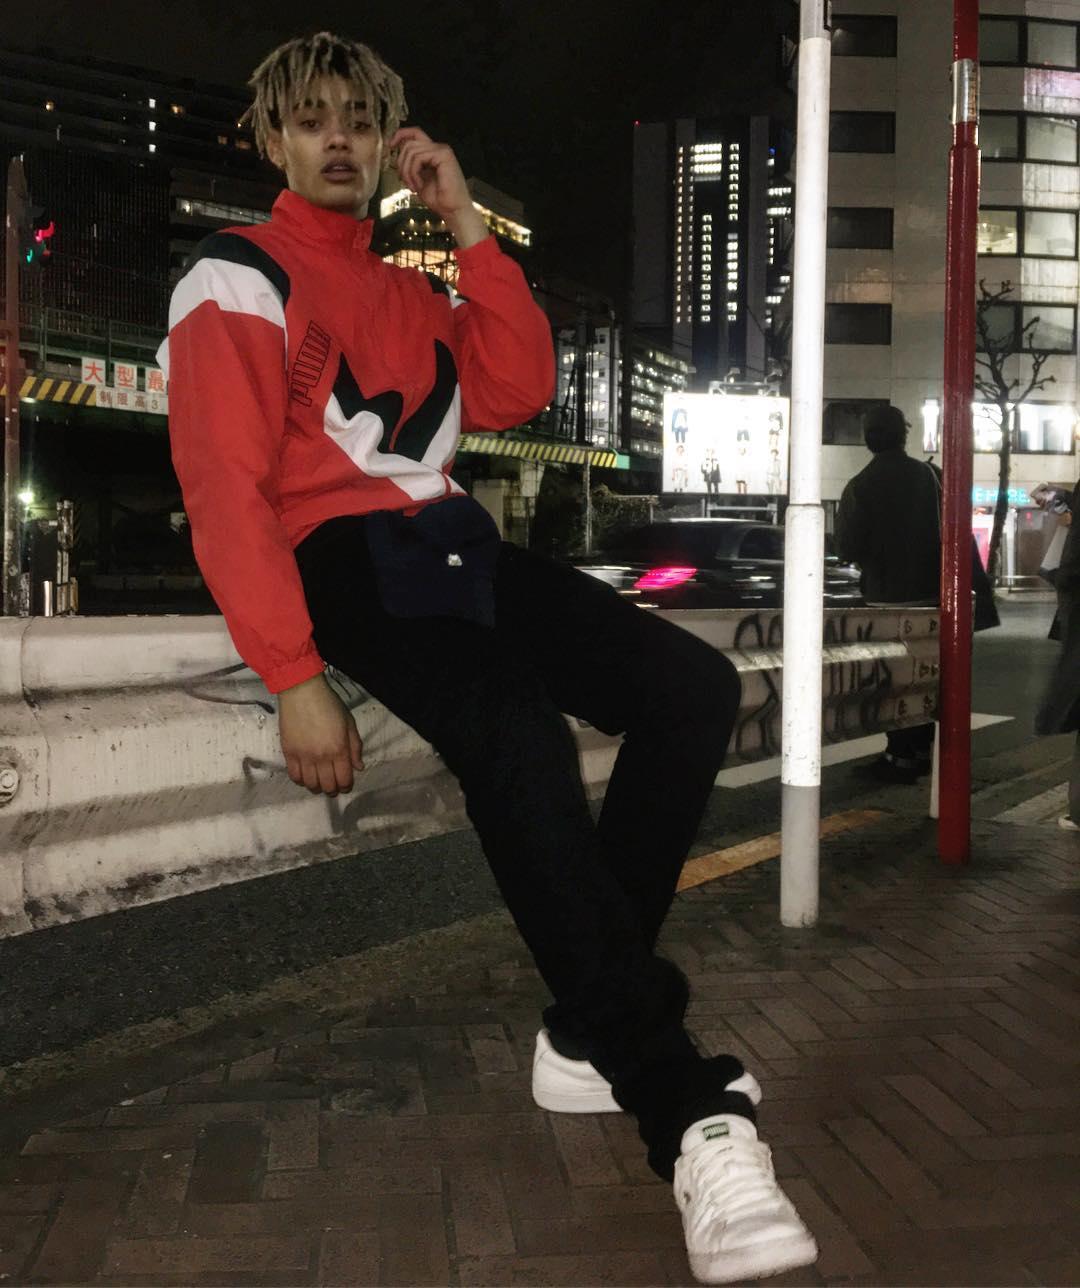 画像1: Zion KuwonuさんはInstagramを利用しています:「Somewhere in (Tokyo)」 www.instagram.com